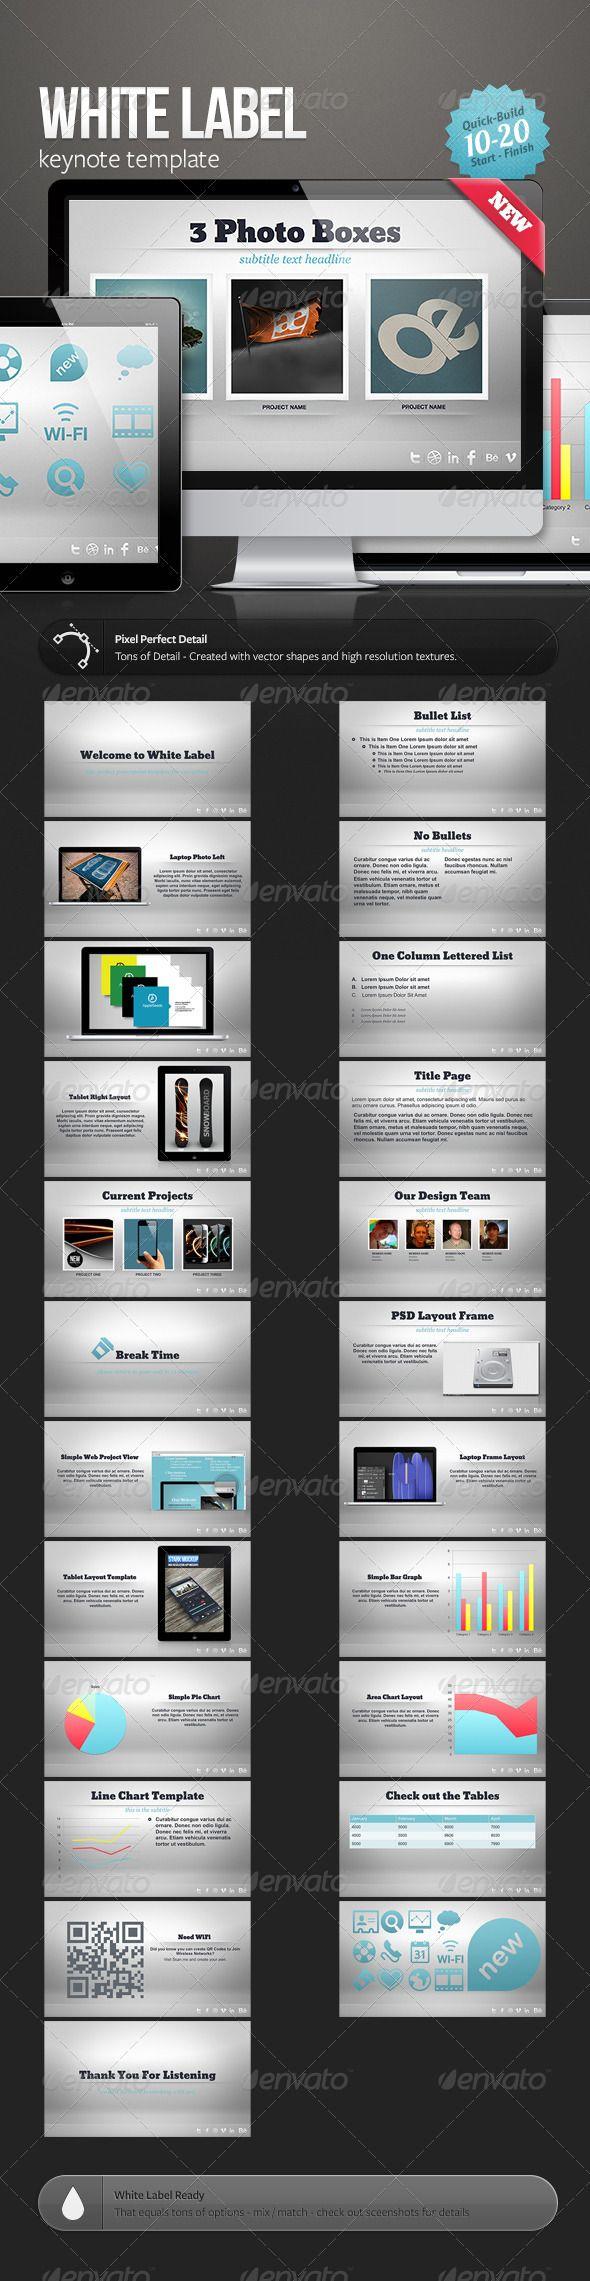 Best Keynote Templates Images On   Presentation